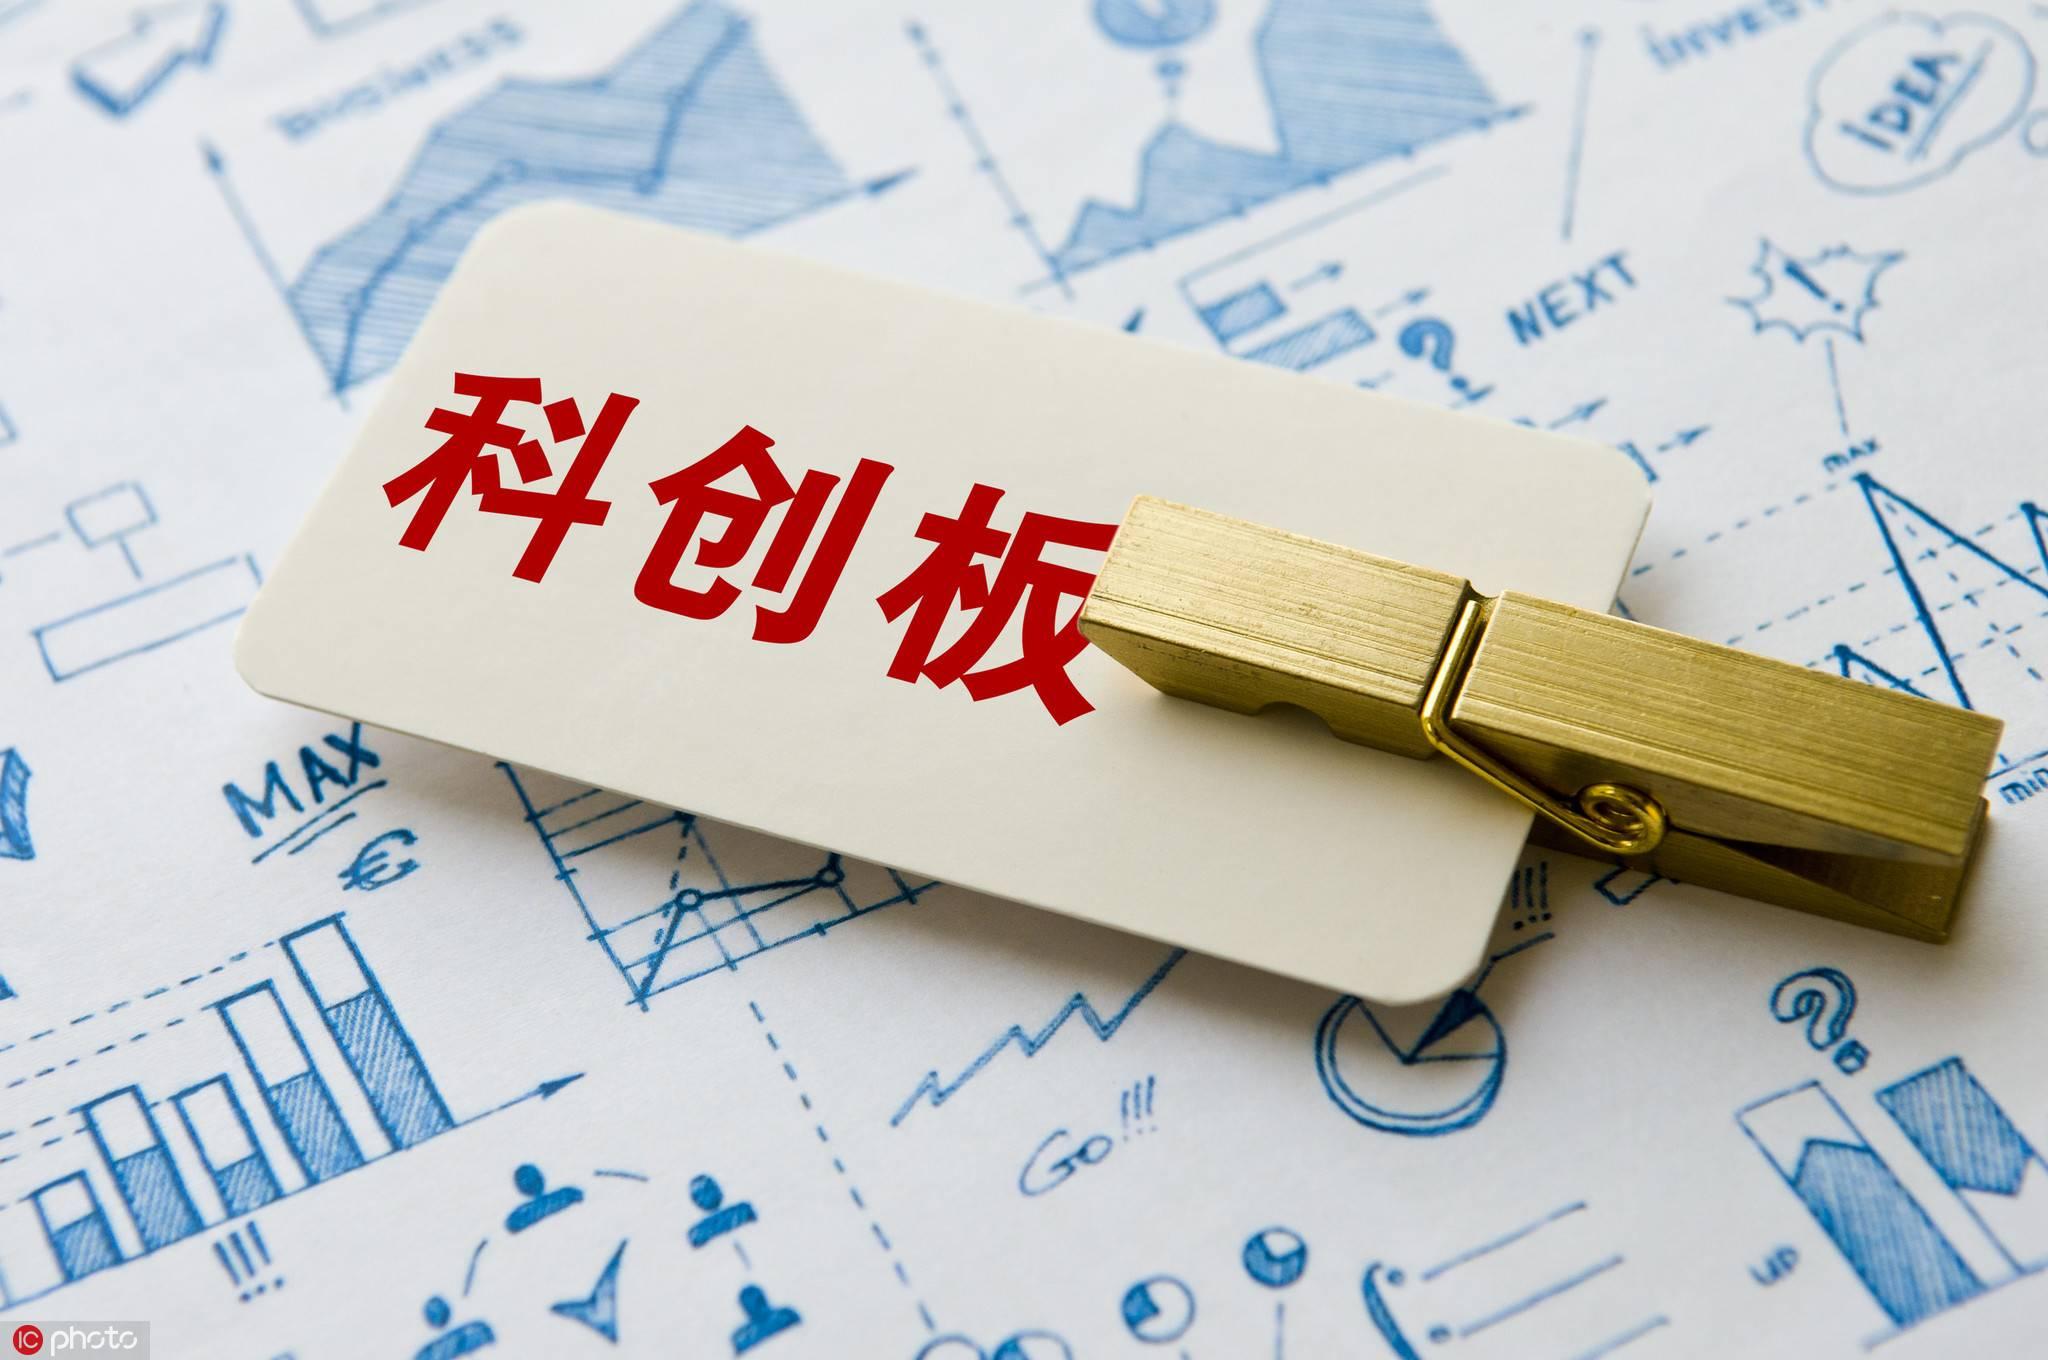 """備戰科創板丨三元材料市場:容百科技能否建立""""護城河"""""""